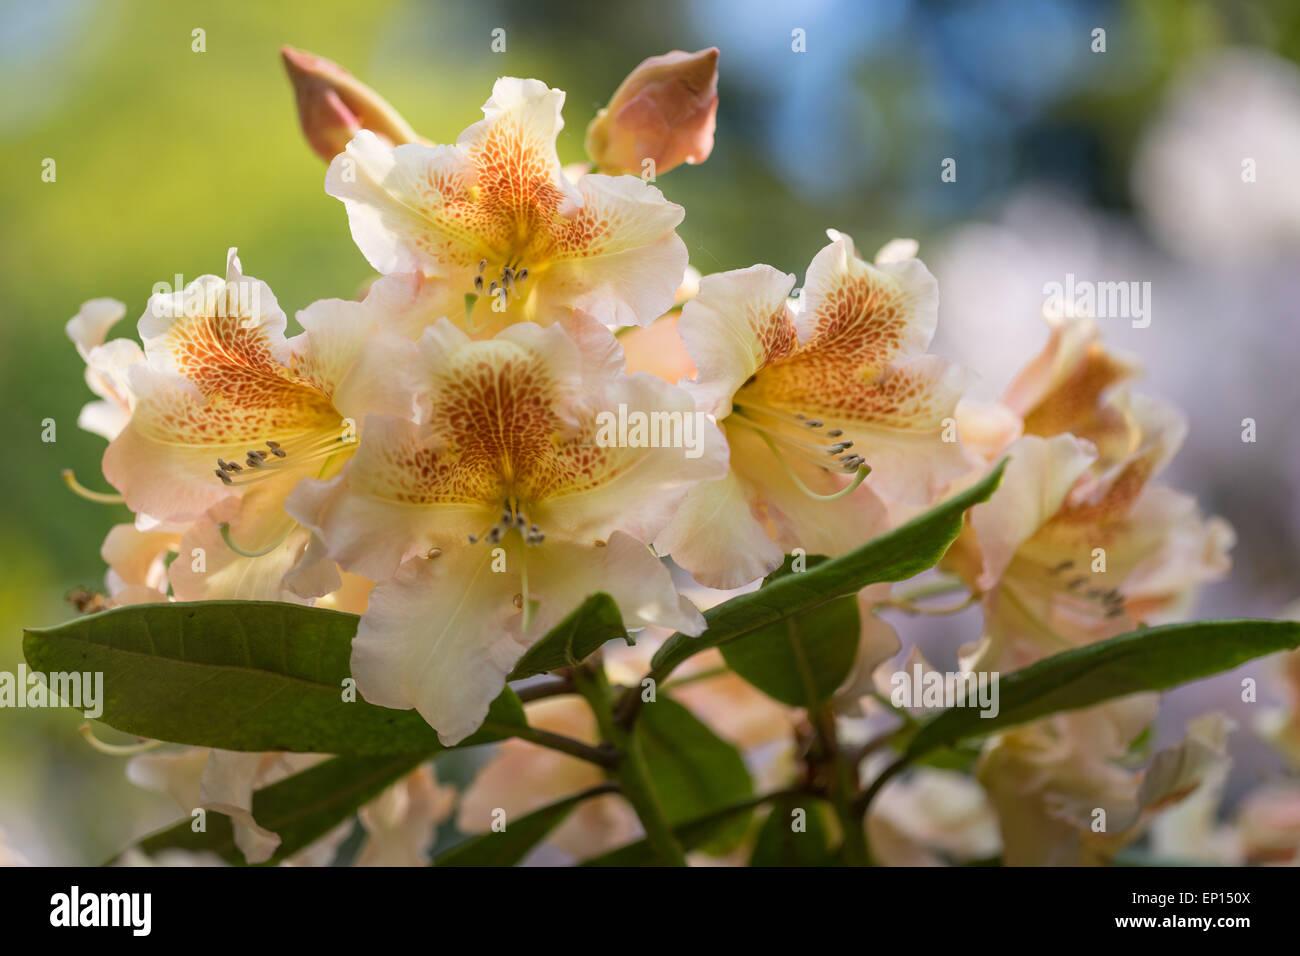 Rhododendron Dichroanthum Hybridum Bernstein yellow brown flowers Stock Photo